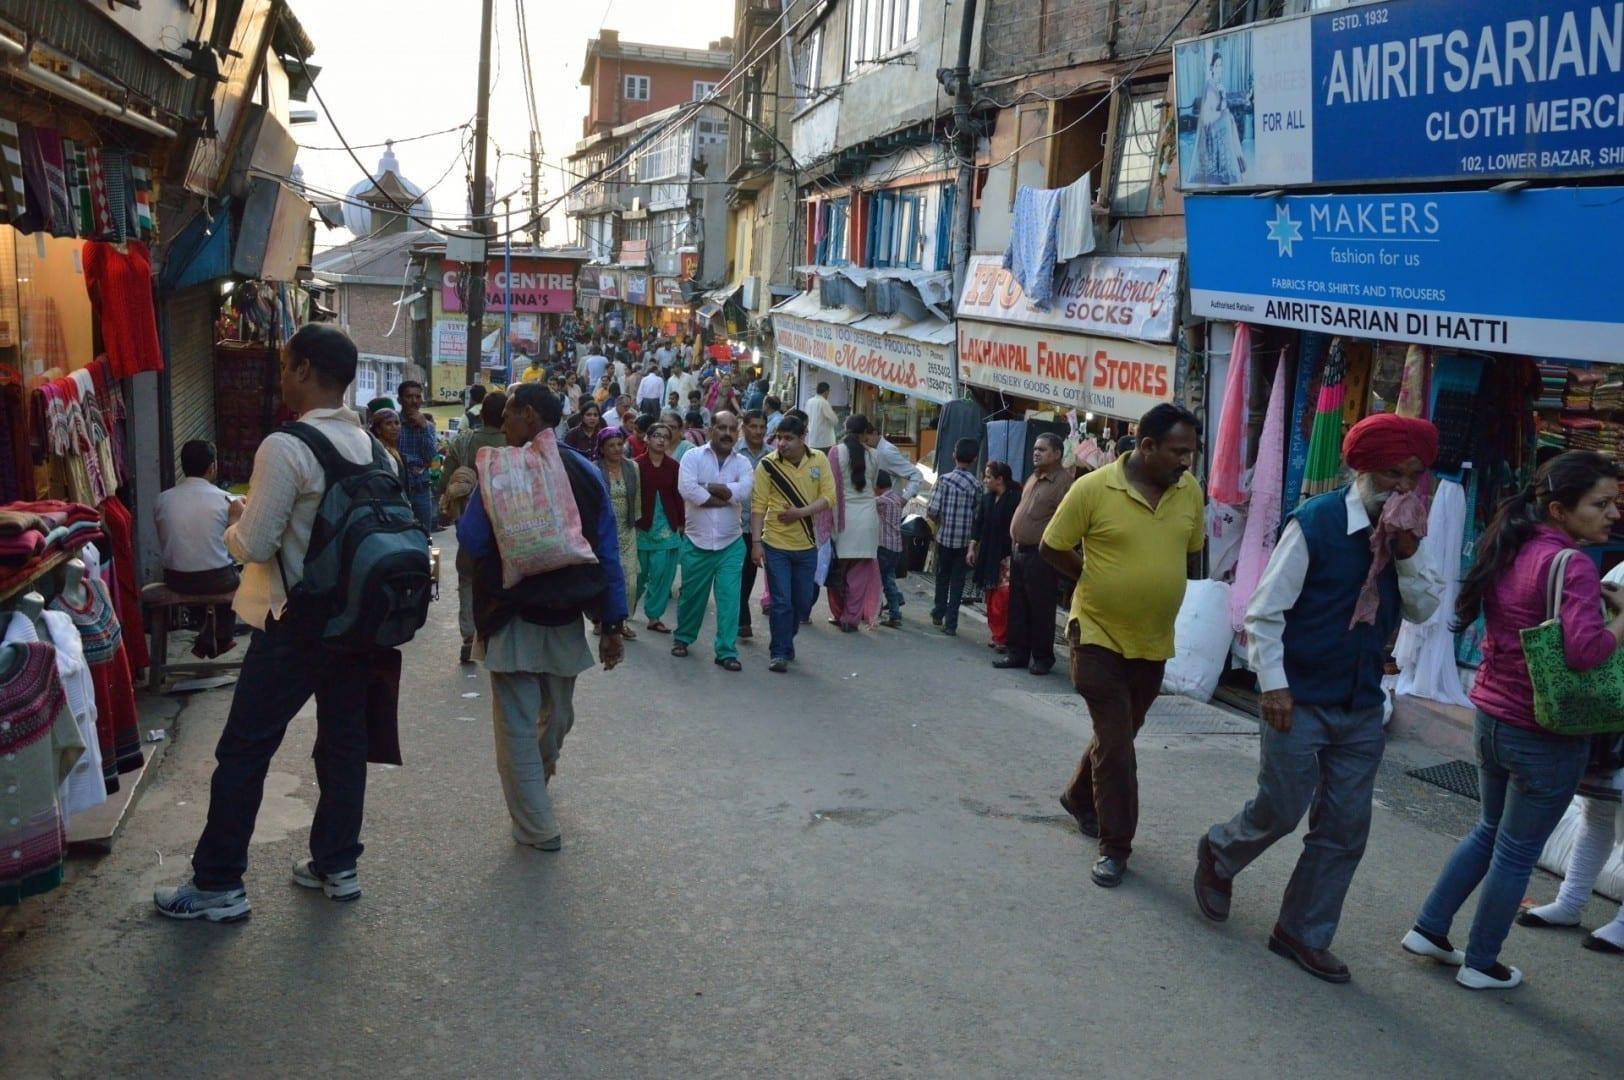 La zona del Bajo Bazar, Shimla. Shimla India